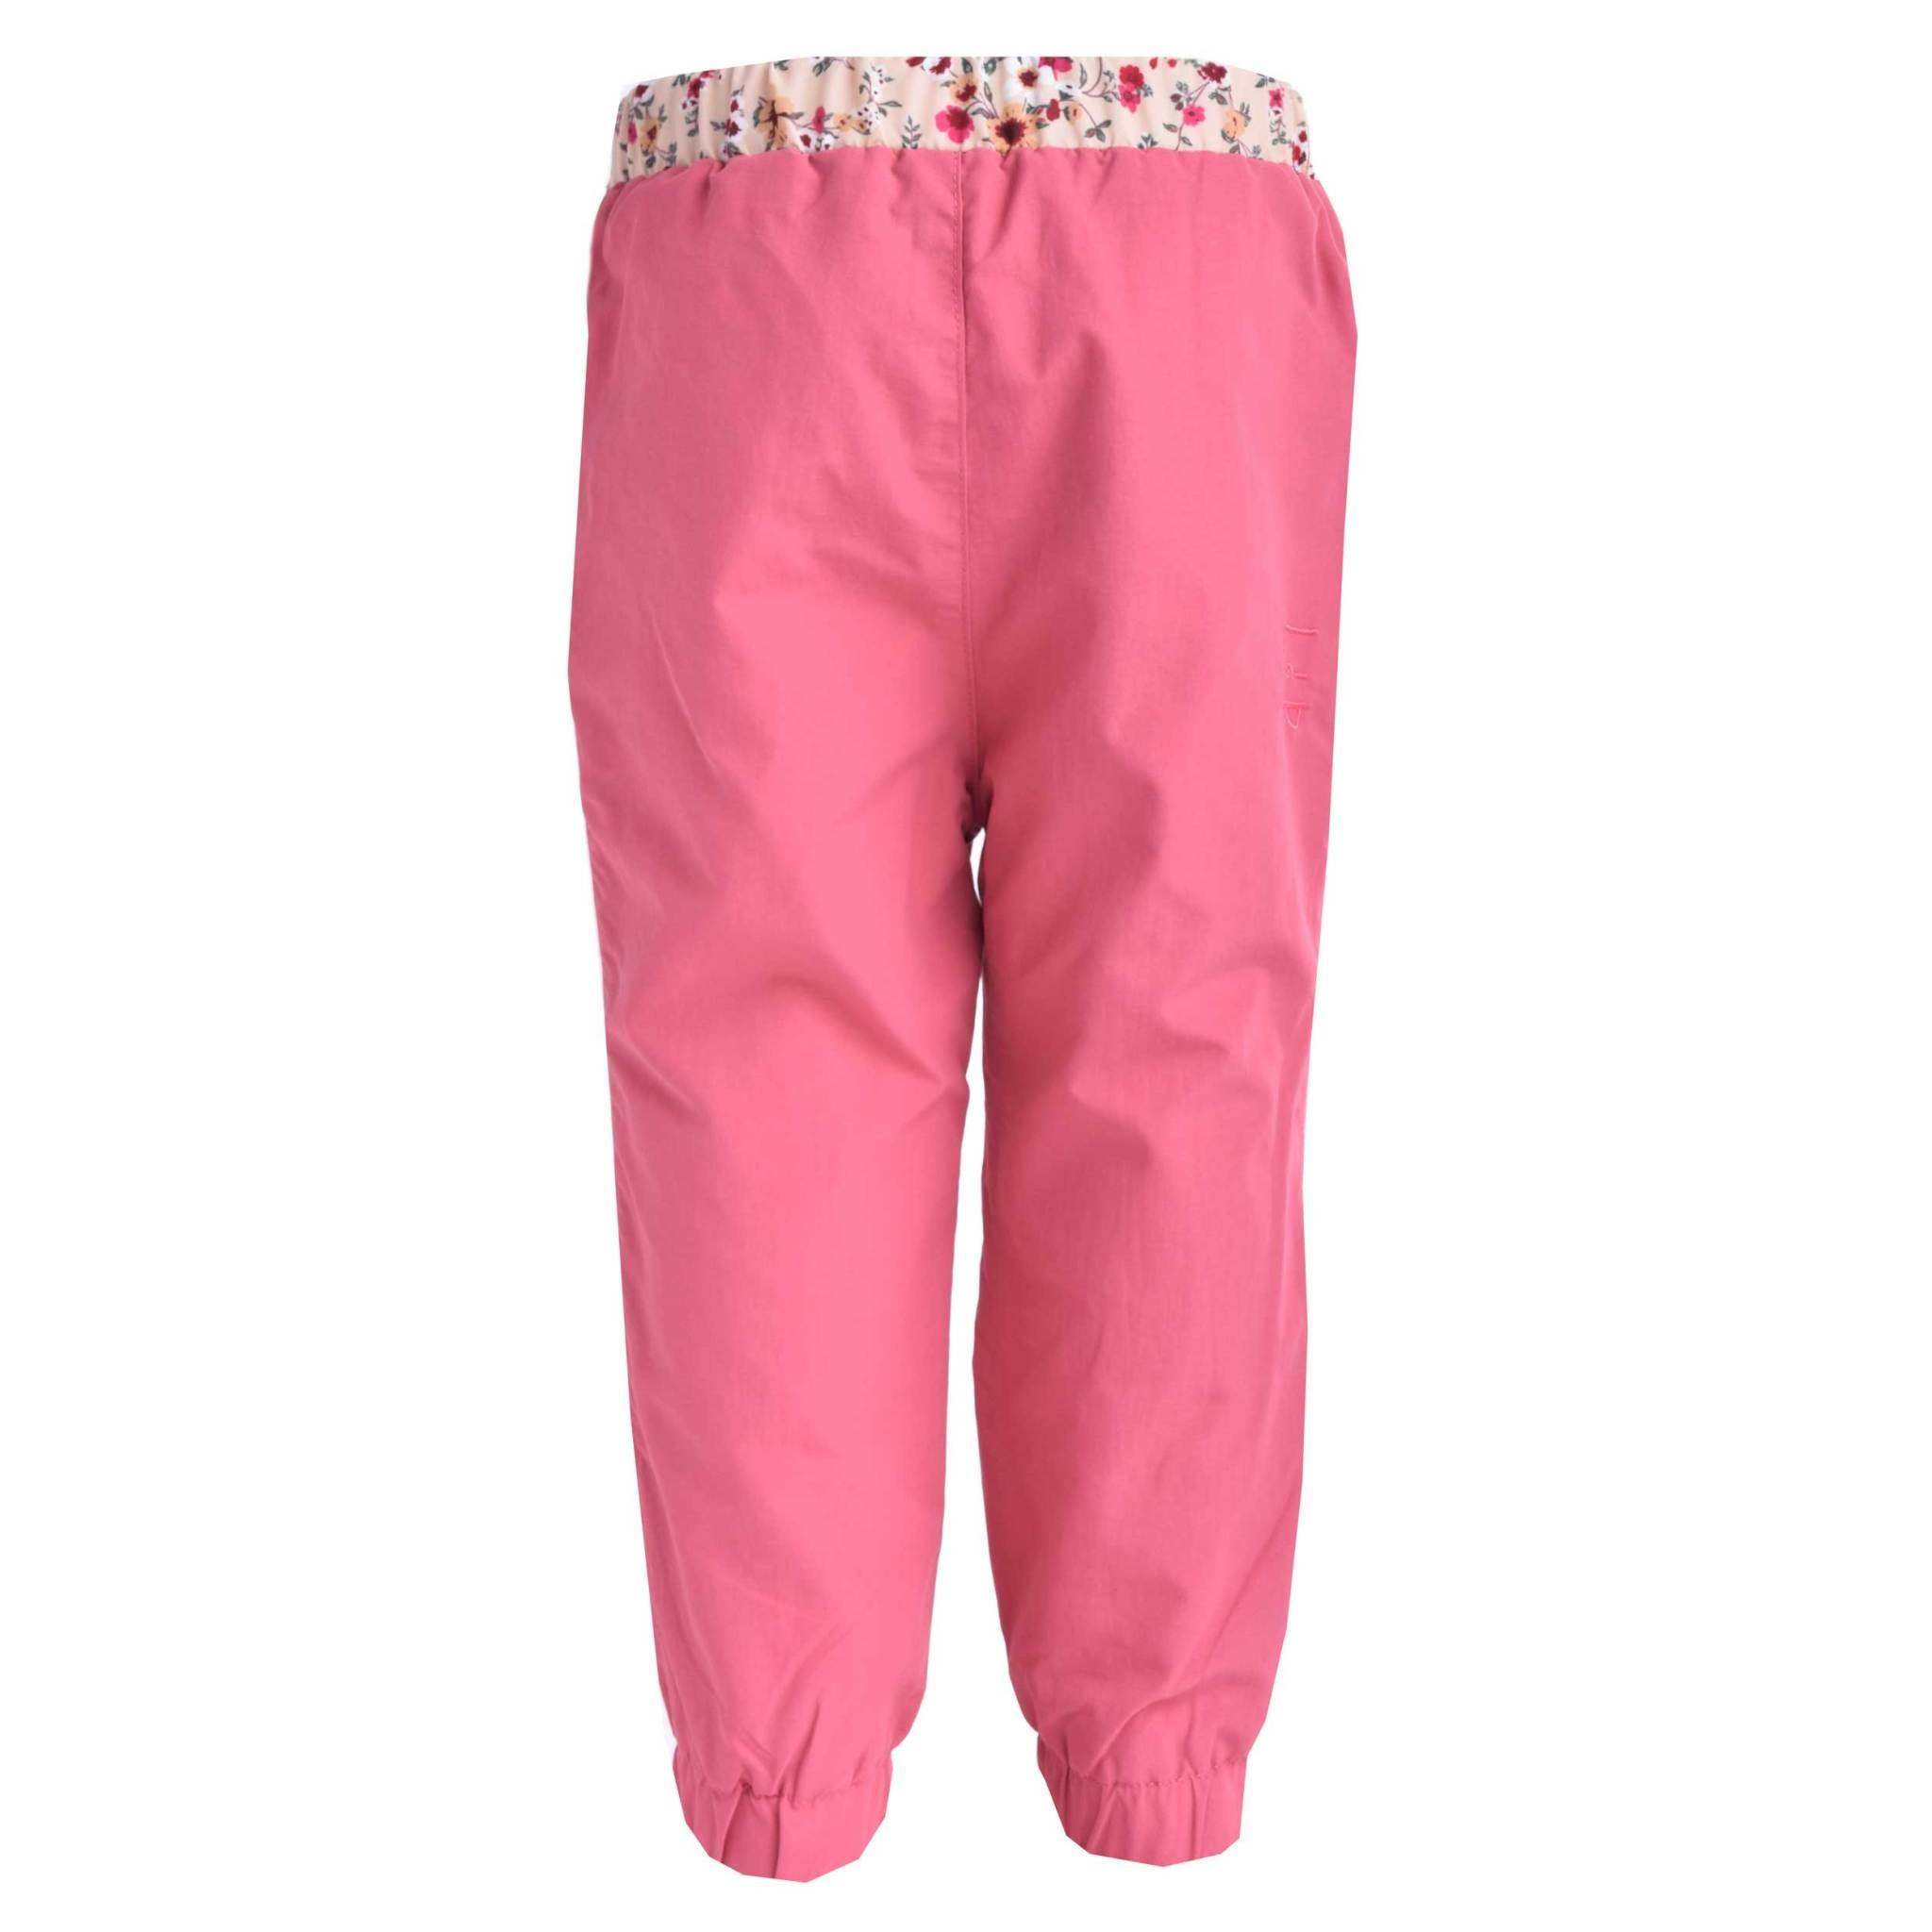 Pantalon ext. doublé en coton-3